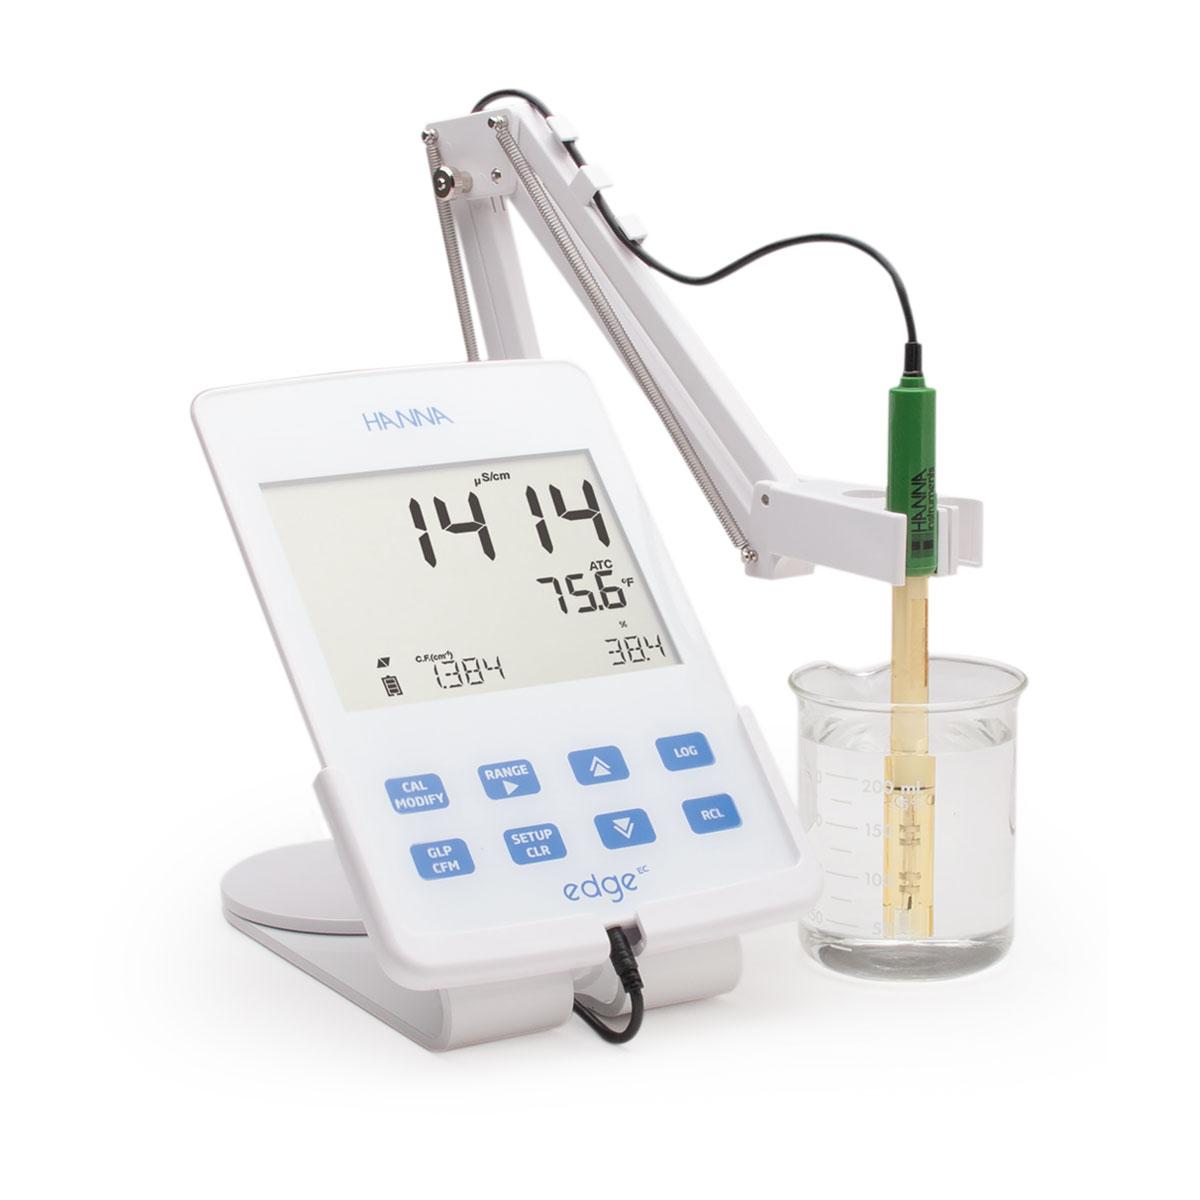 HI2003-02 - edge® Misuratore Conducibilità/TDS/Salinità